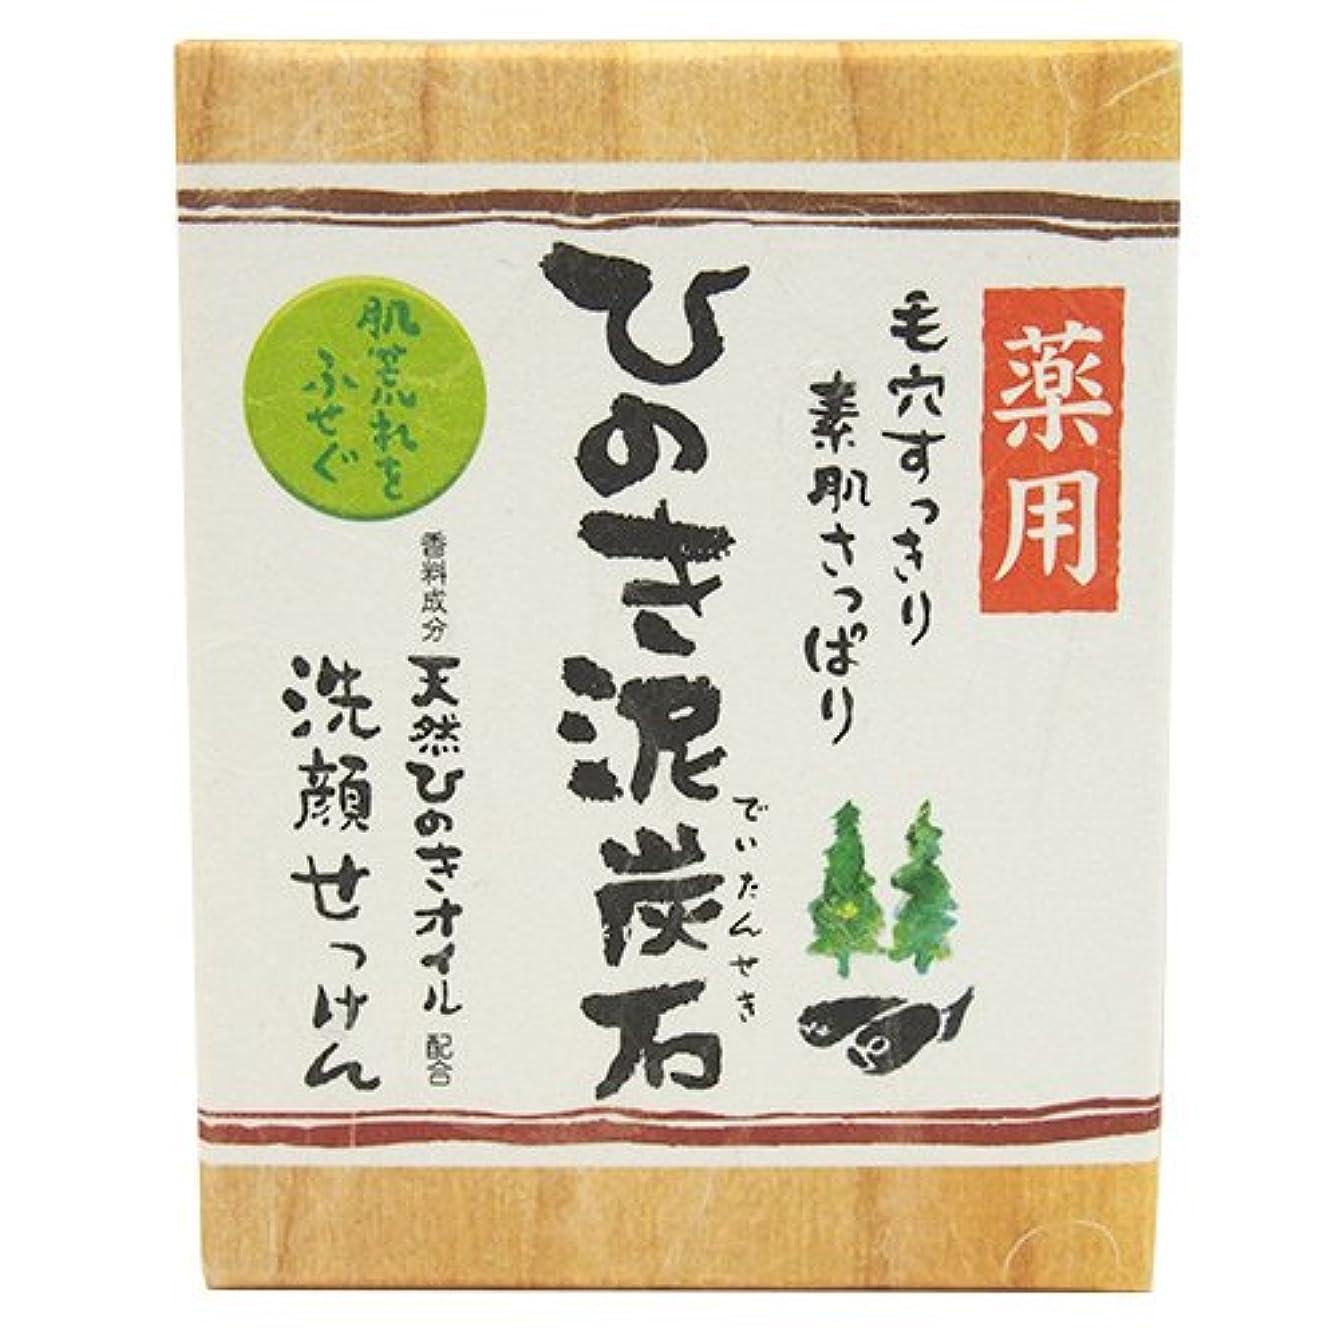 退化するトリップルネッサンス東京宝 薬用ひのき泥炭石 すっきり黒タイプ 洗顔石鹸 75g